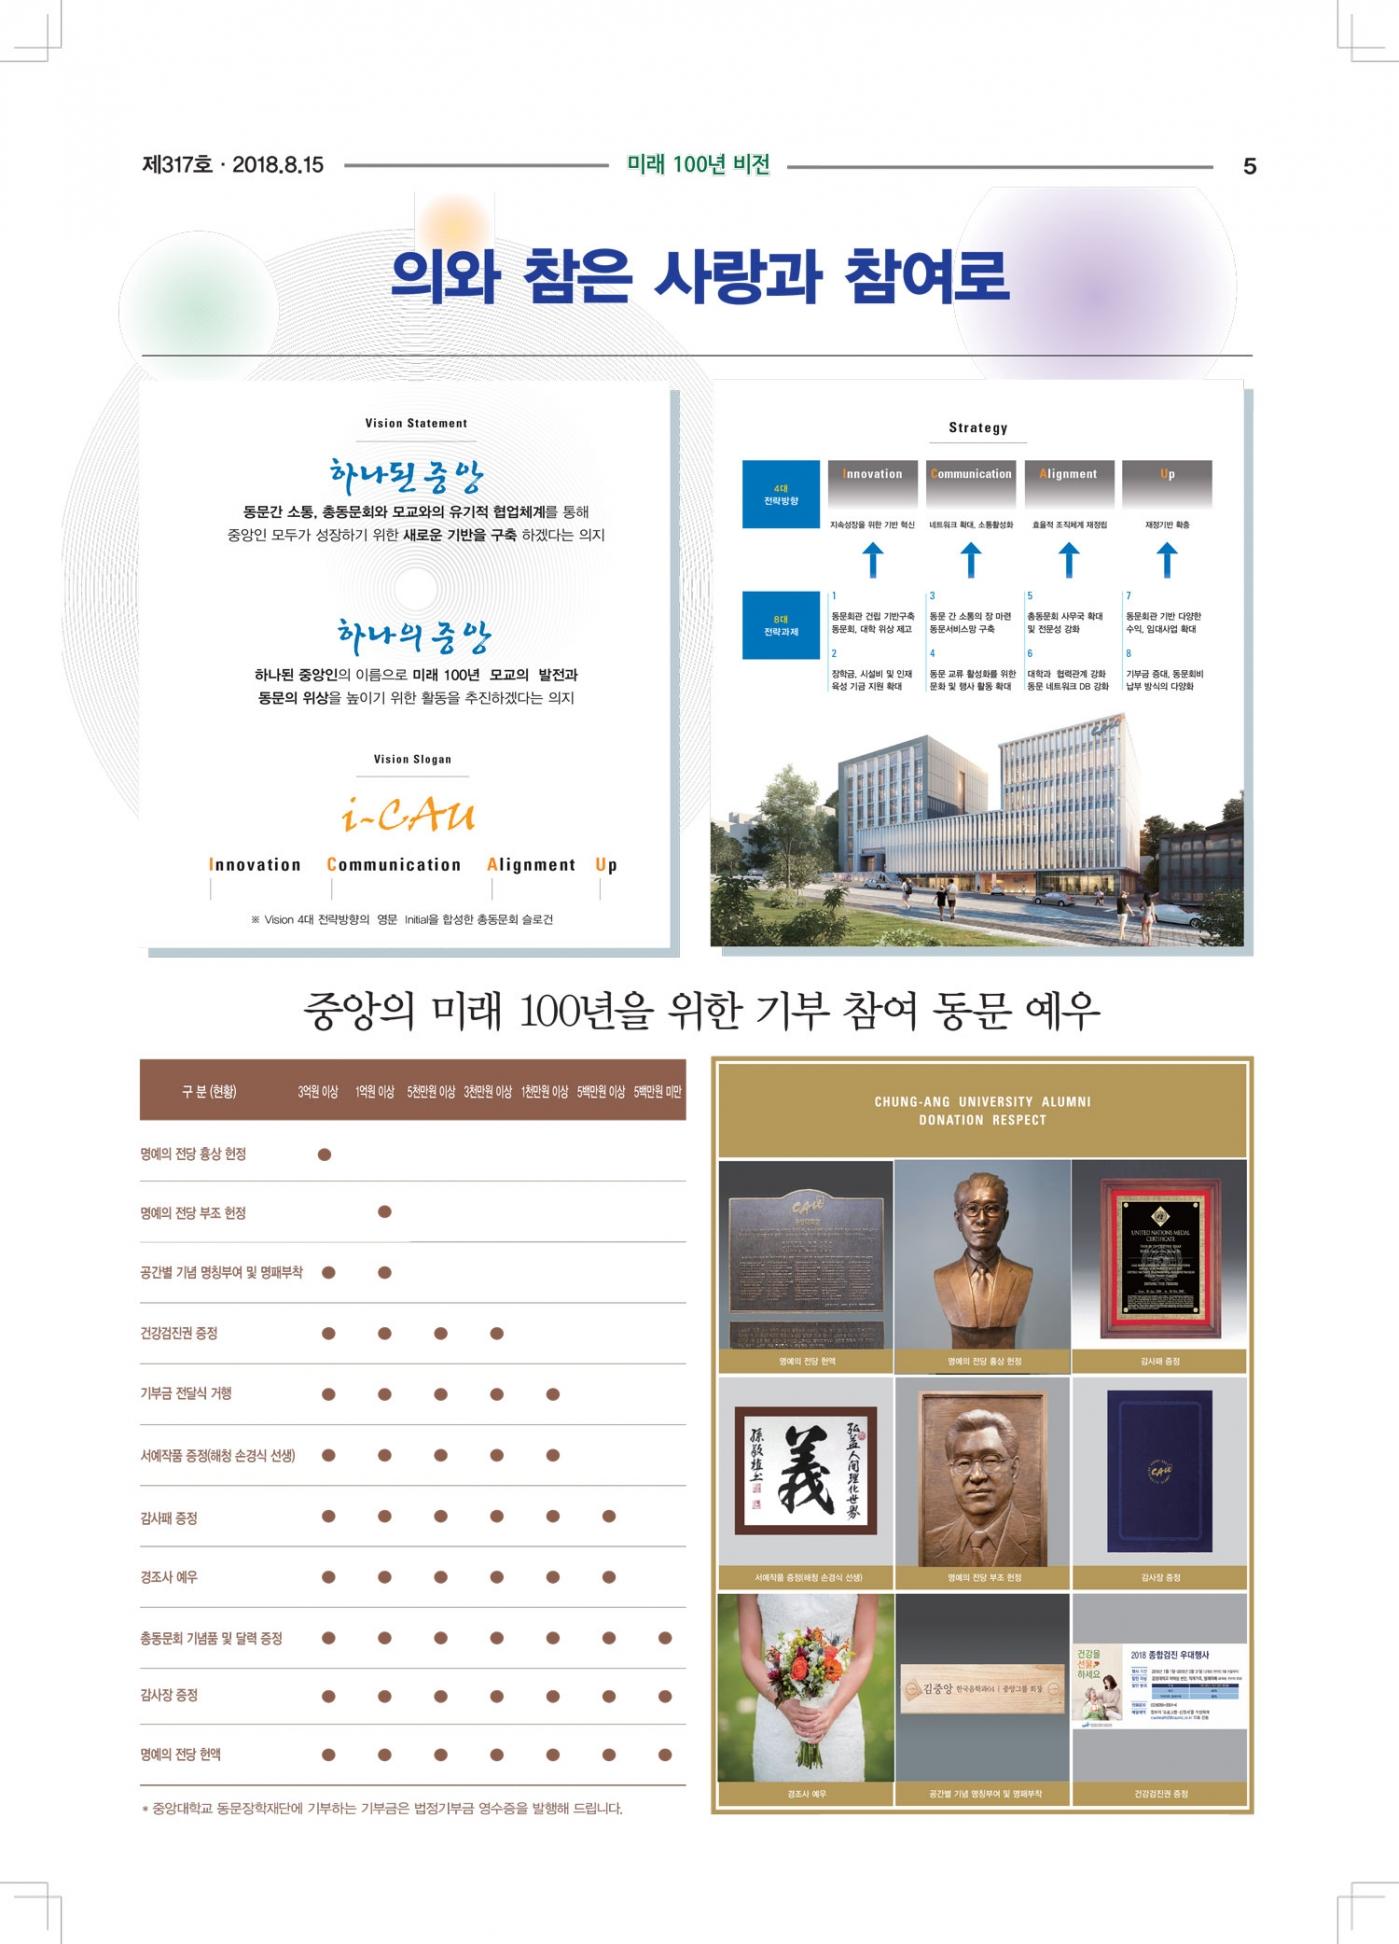 중앙대학교동문317호회보-(6)-5.jpg